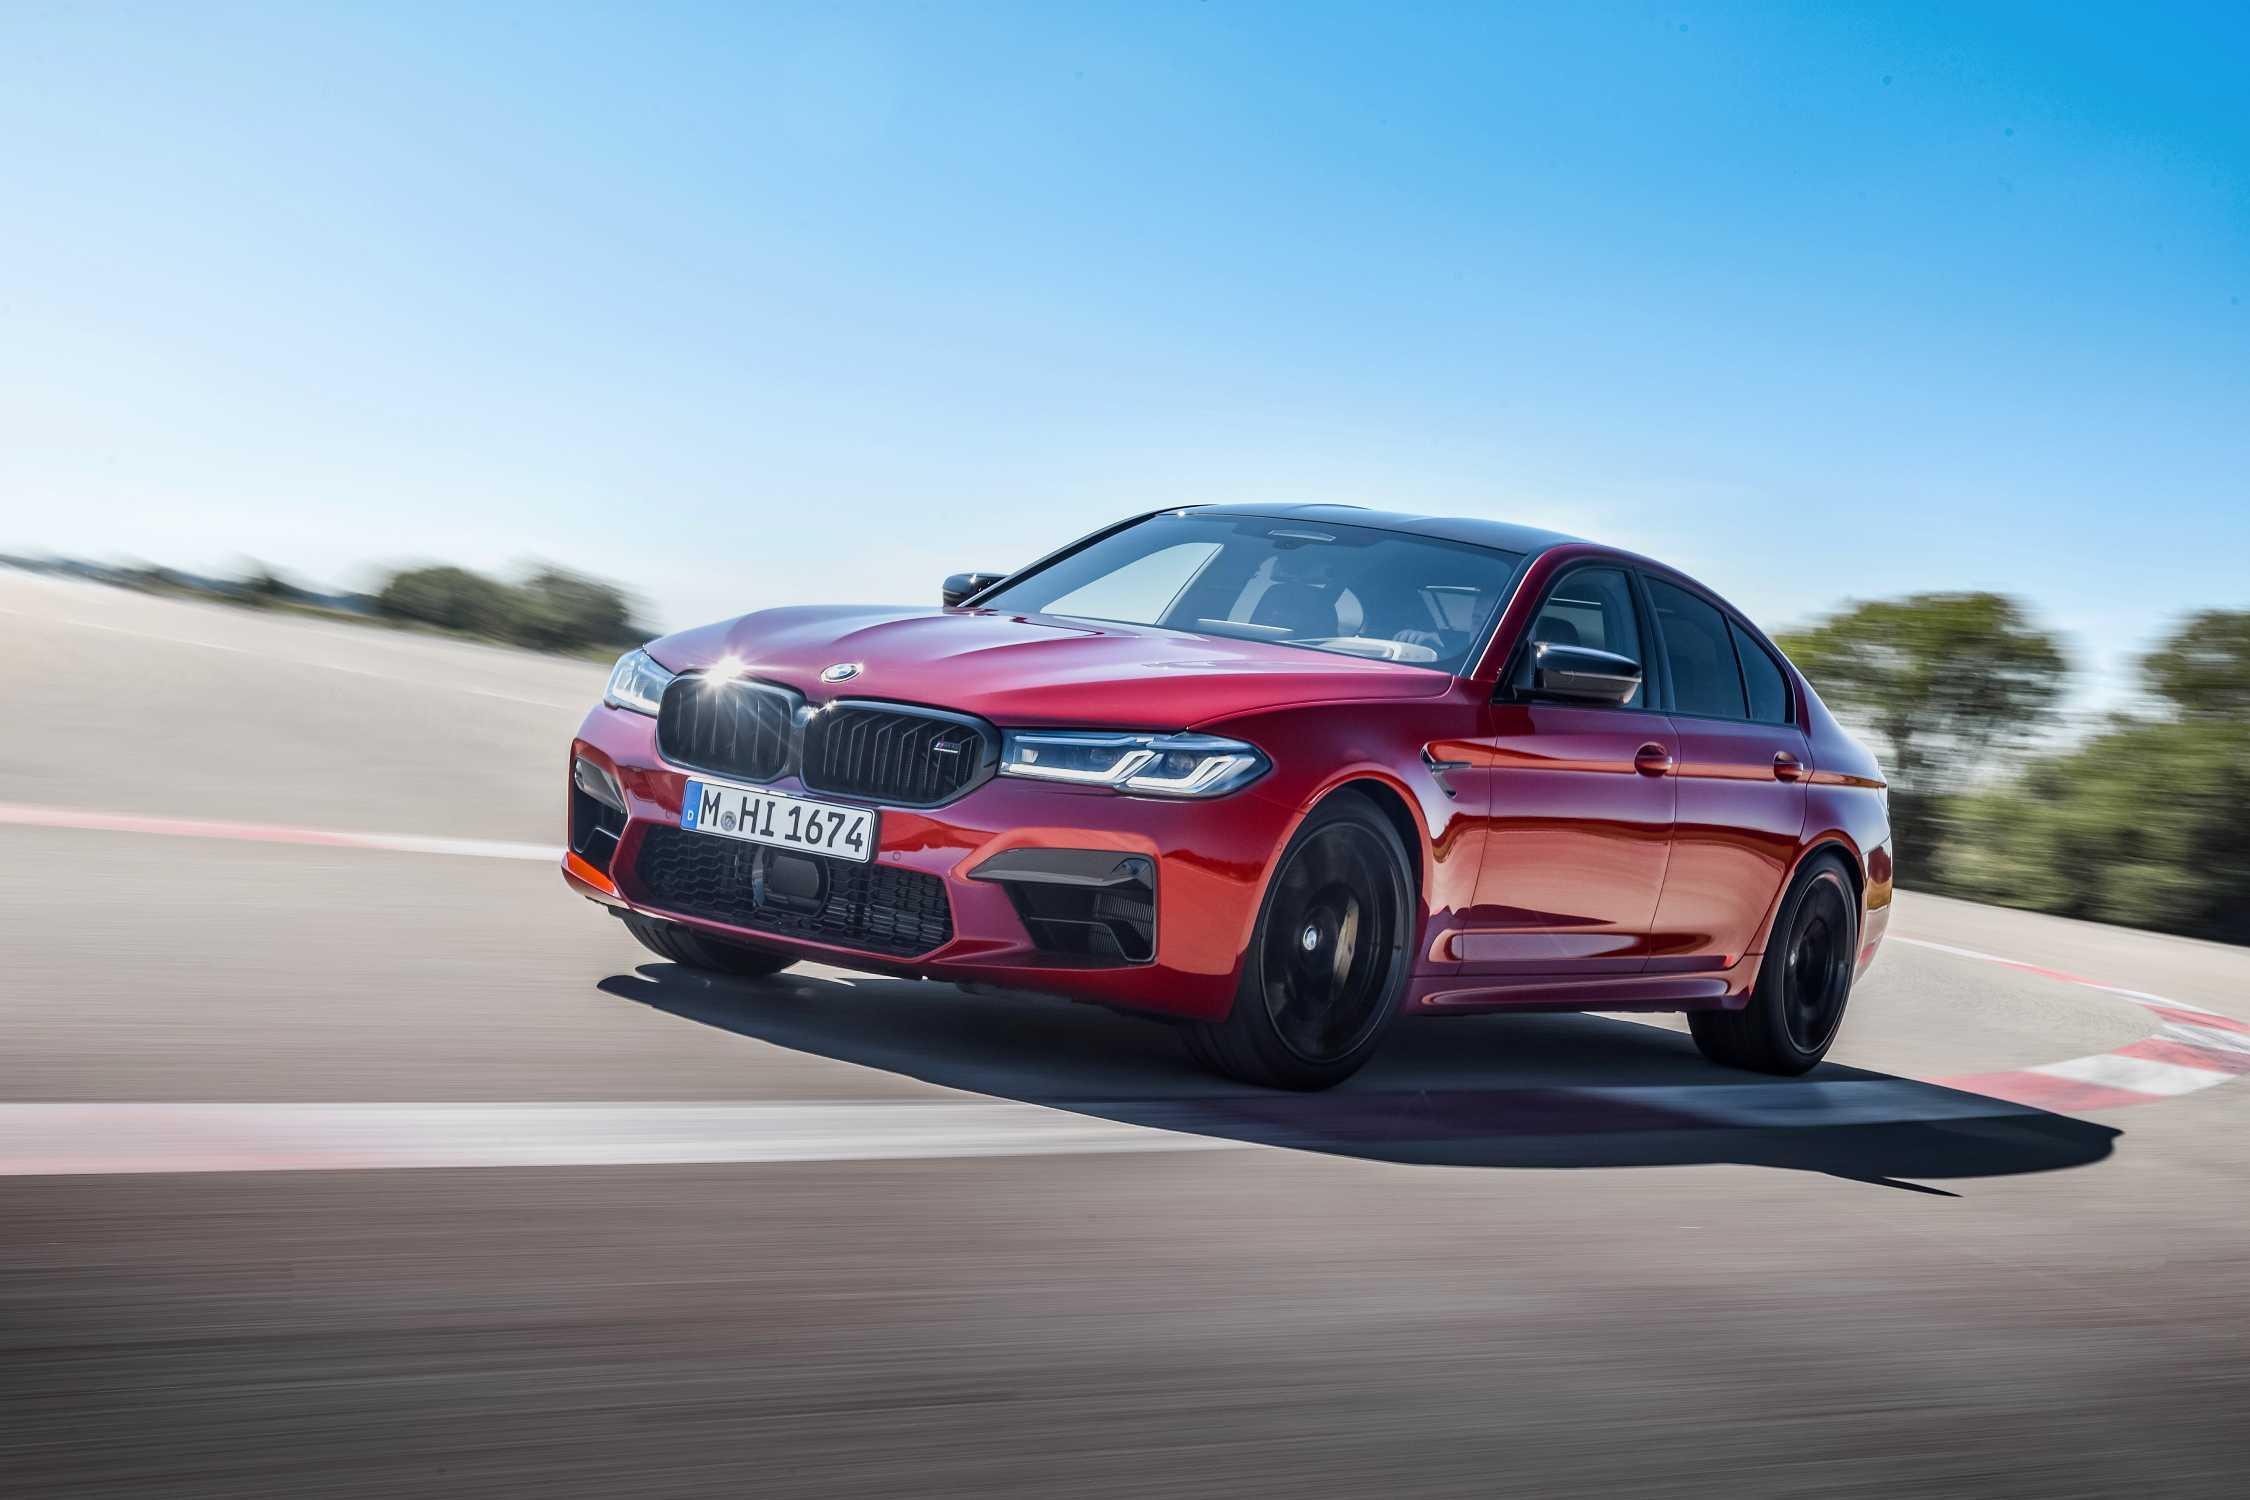 The New 5 BMW M5 Sedan